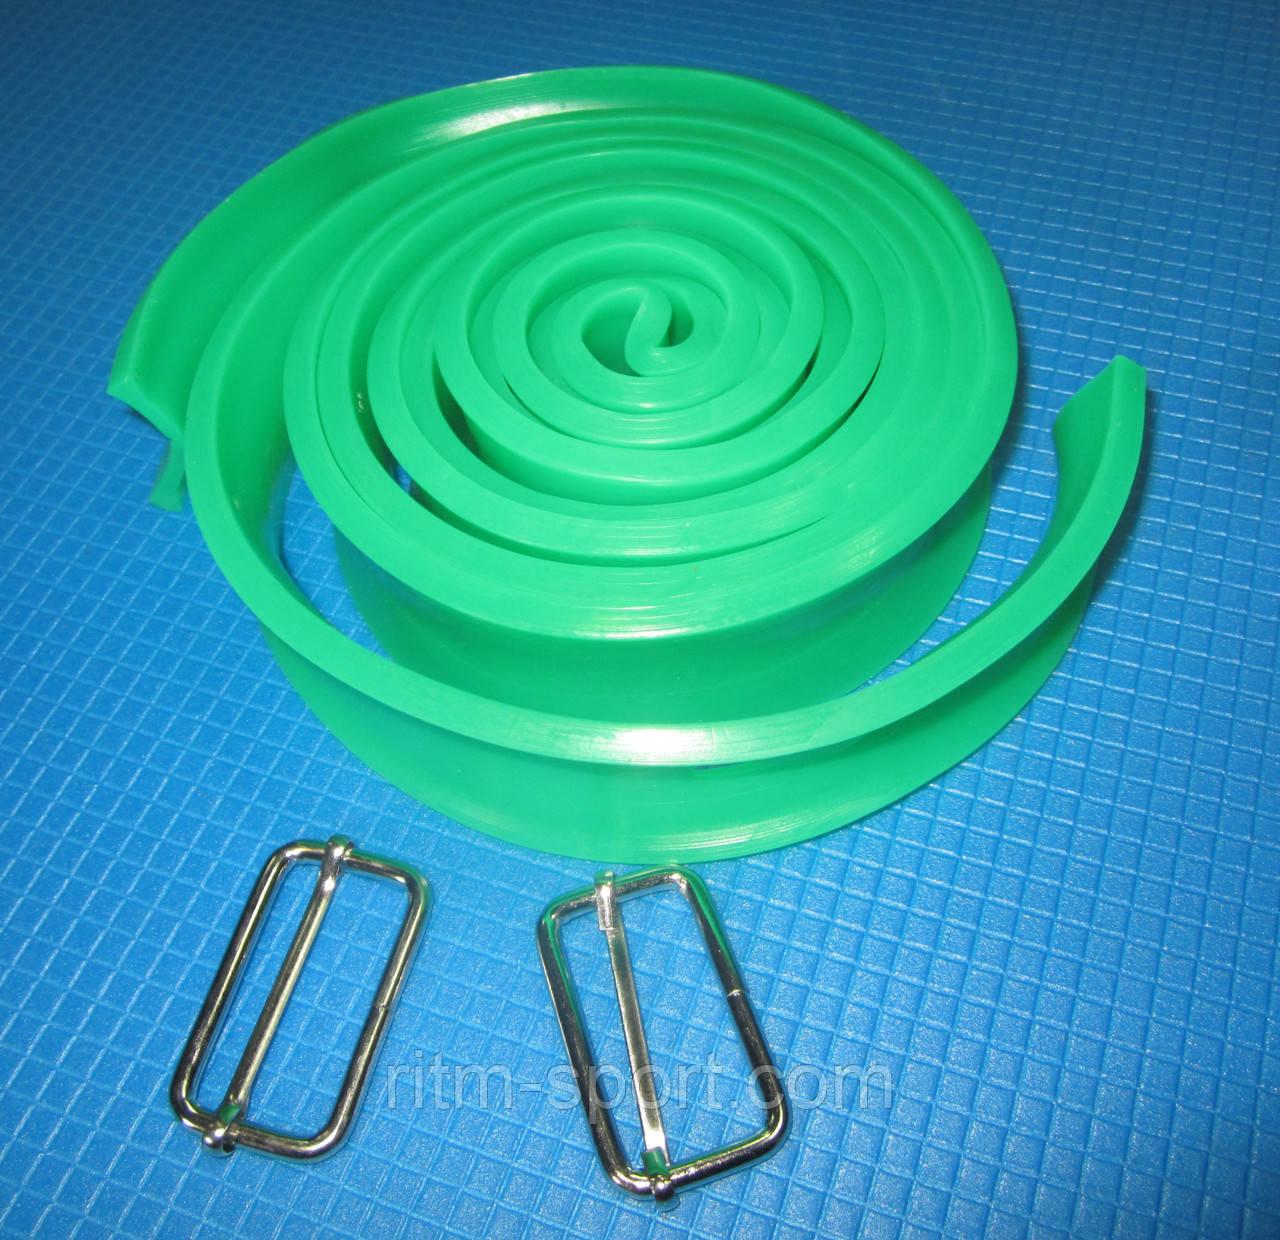 Жгут эластичный  латексный 2,5 м (сопротивление от 5 до 20 кг)